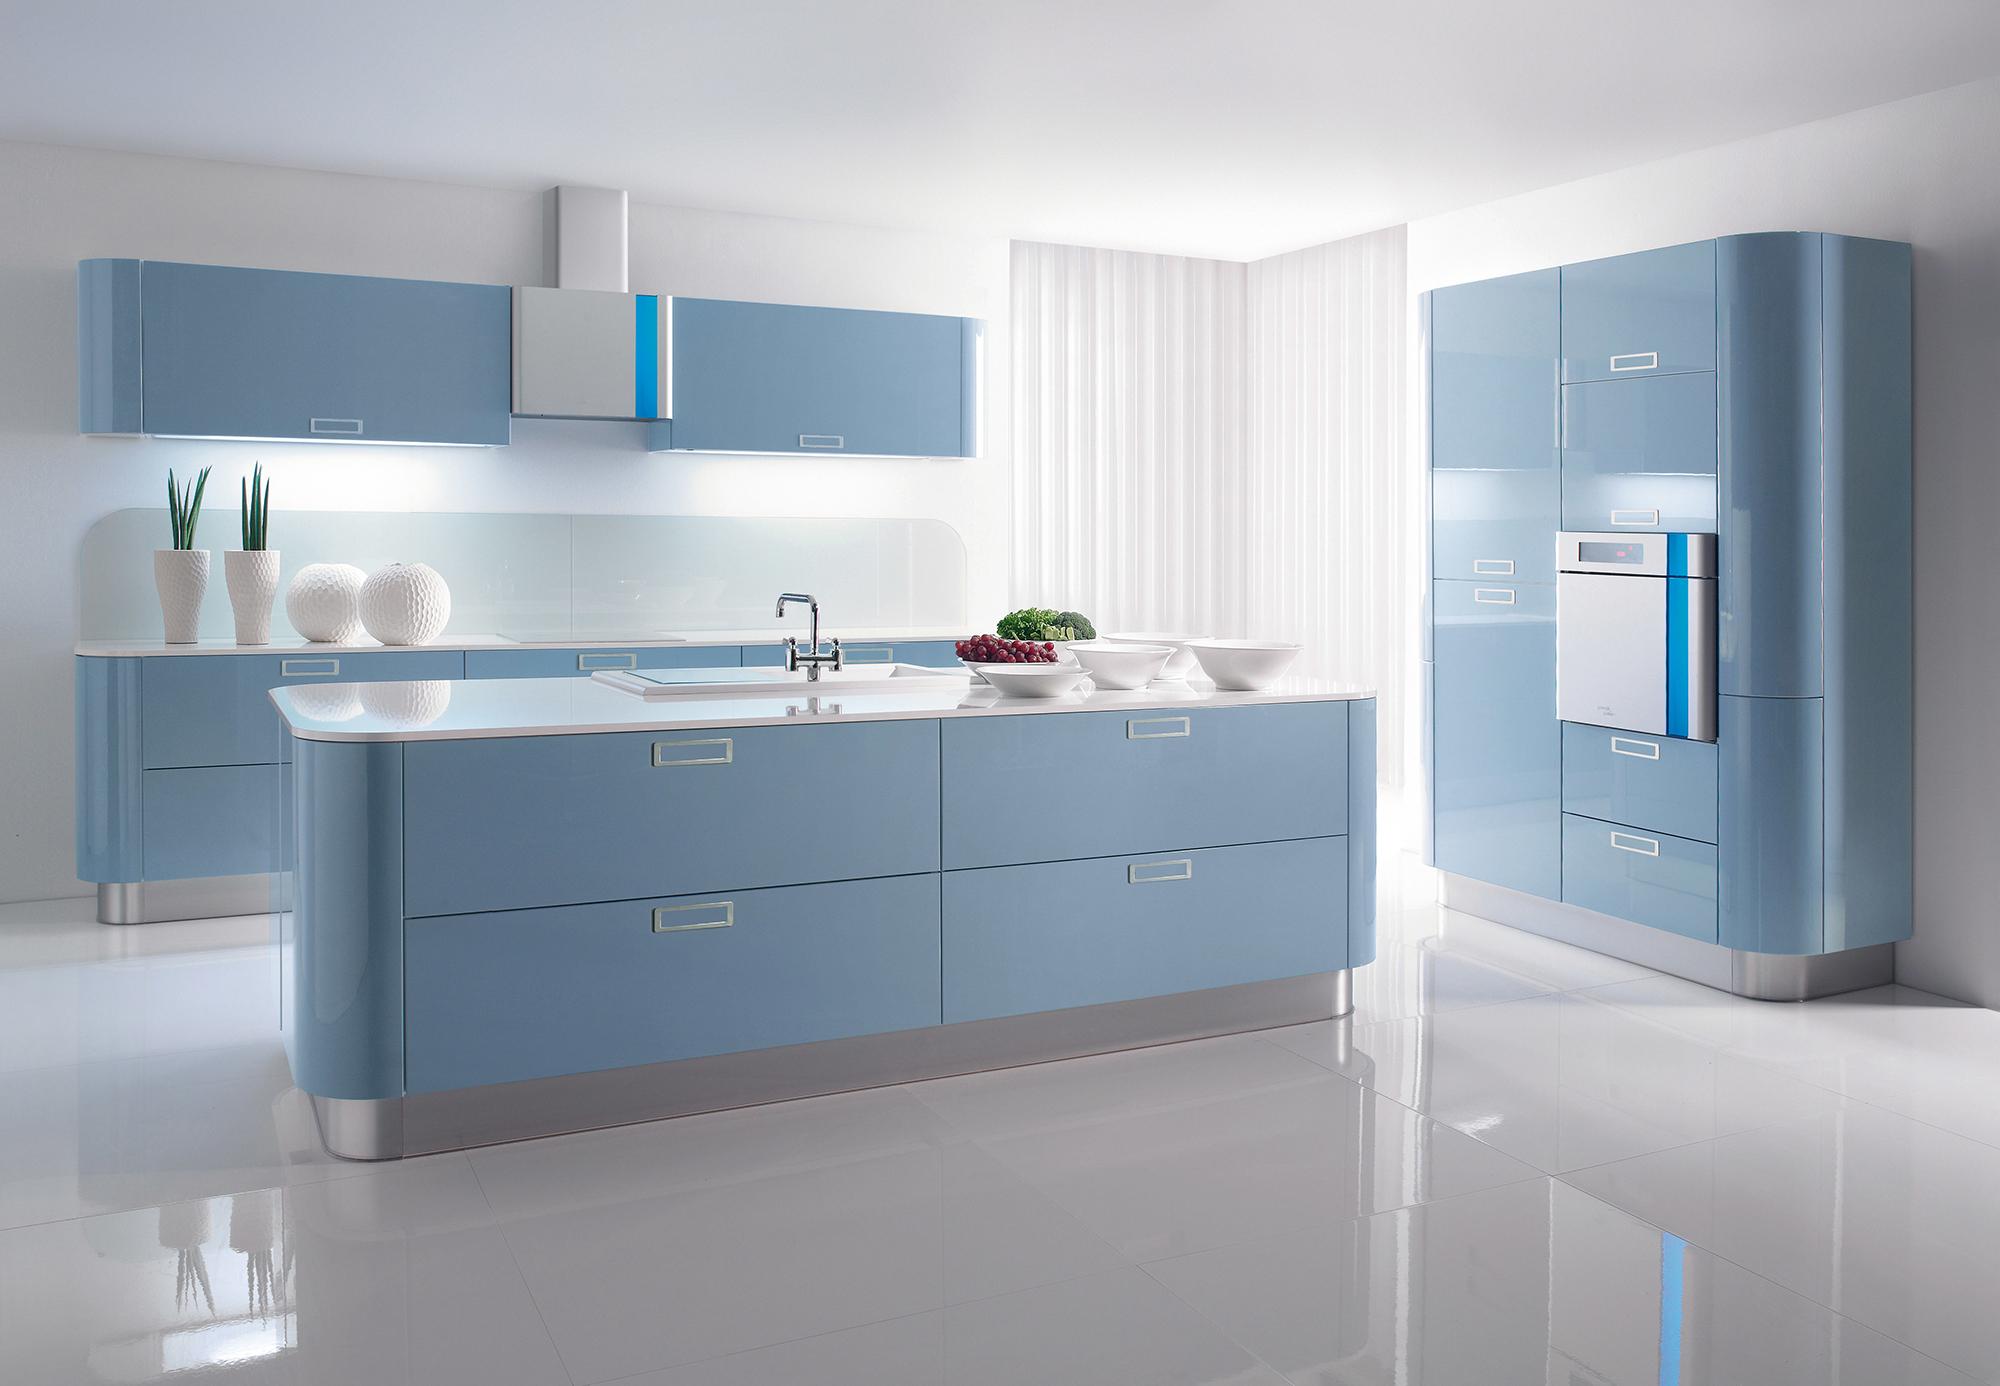 Голубая кухня в стиле хай-тек